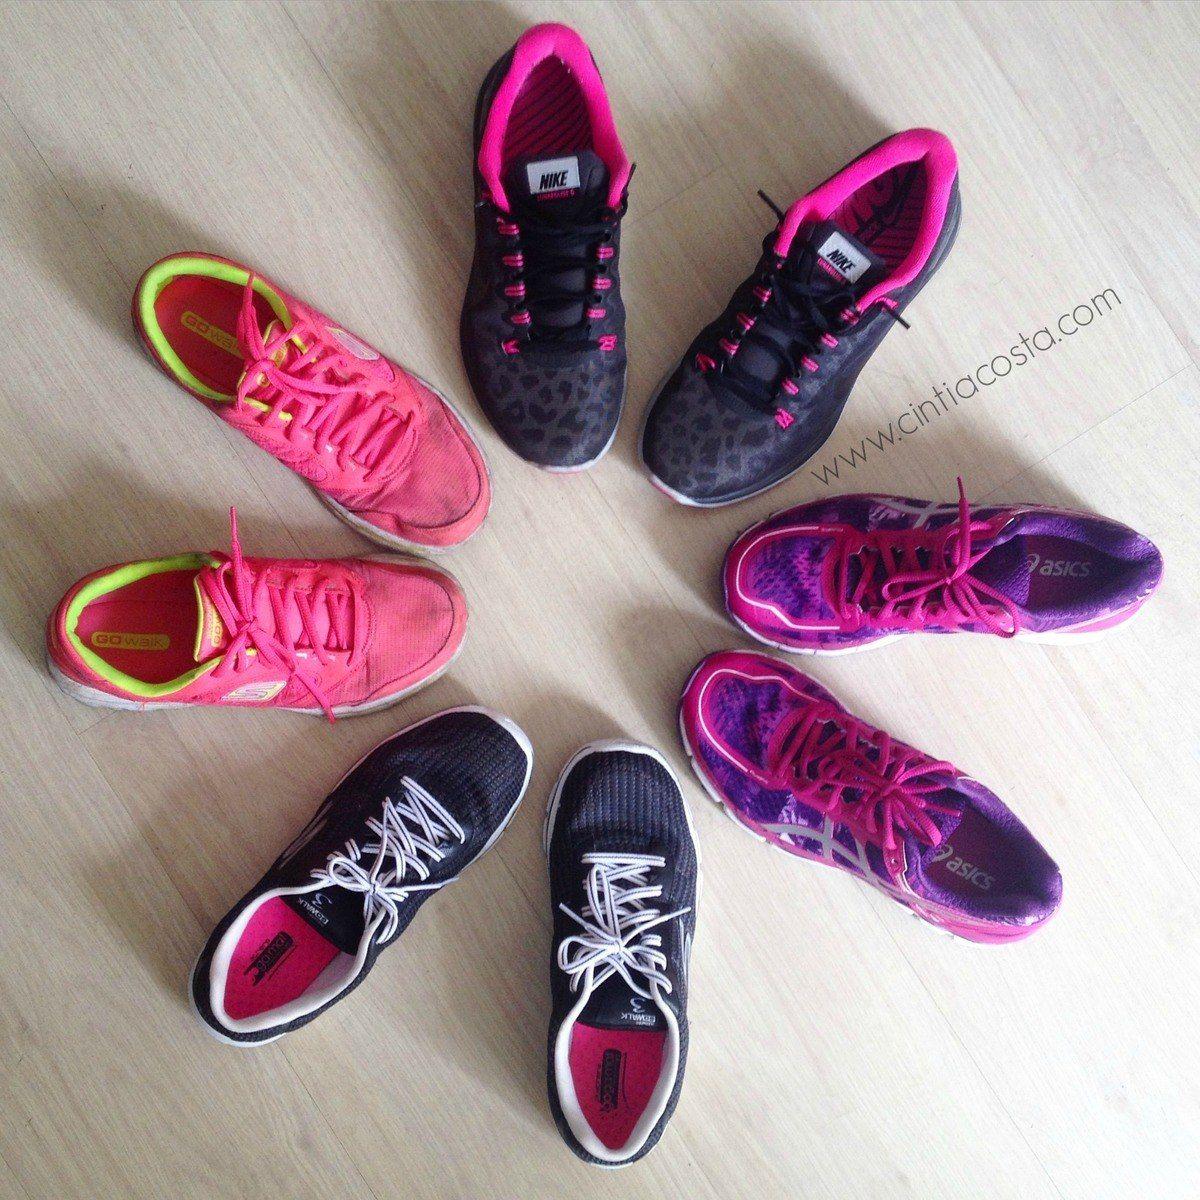 O tênis certo para corrida e caminhada feminino. Foto: Cíntia Costa.